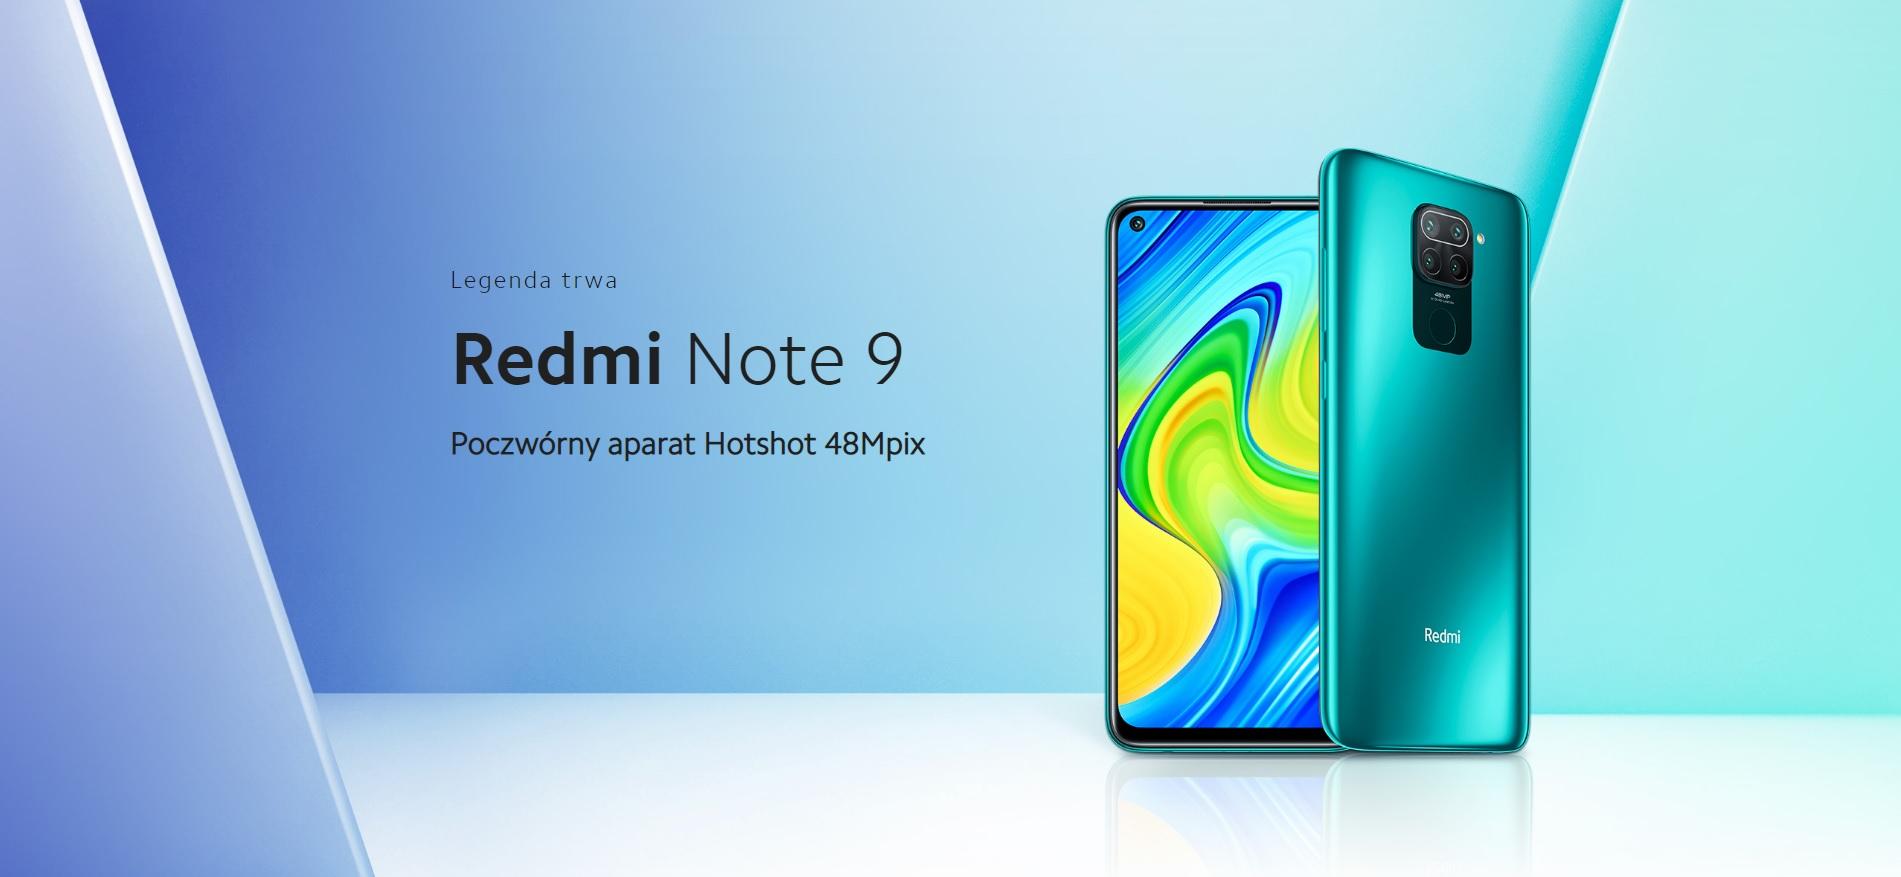 promocja na Redmi Note 9